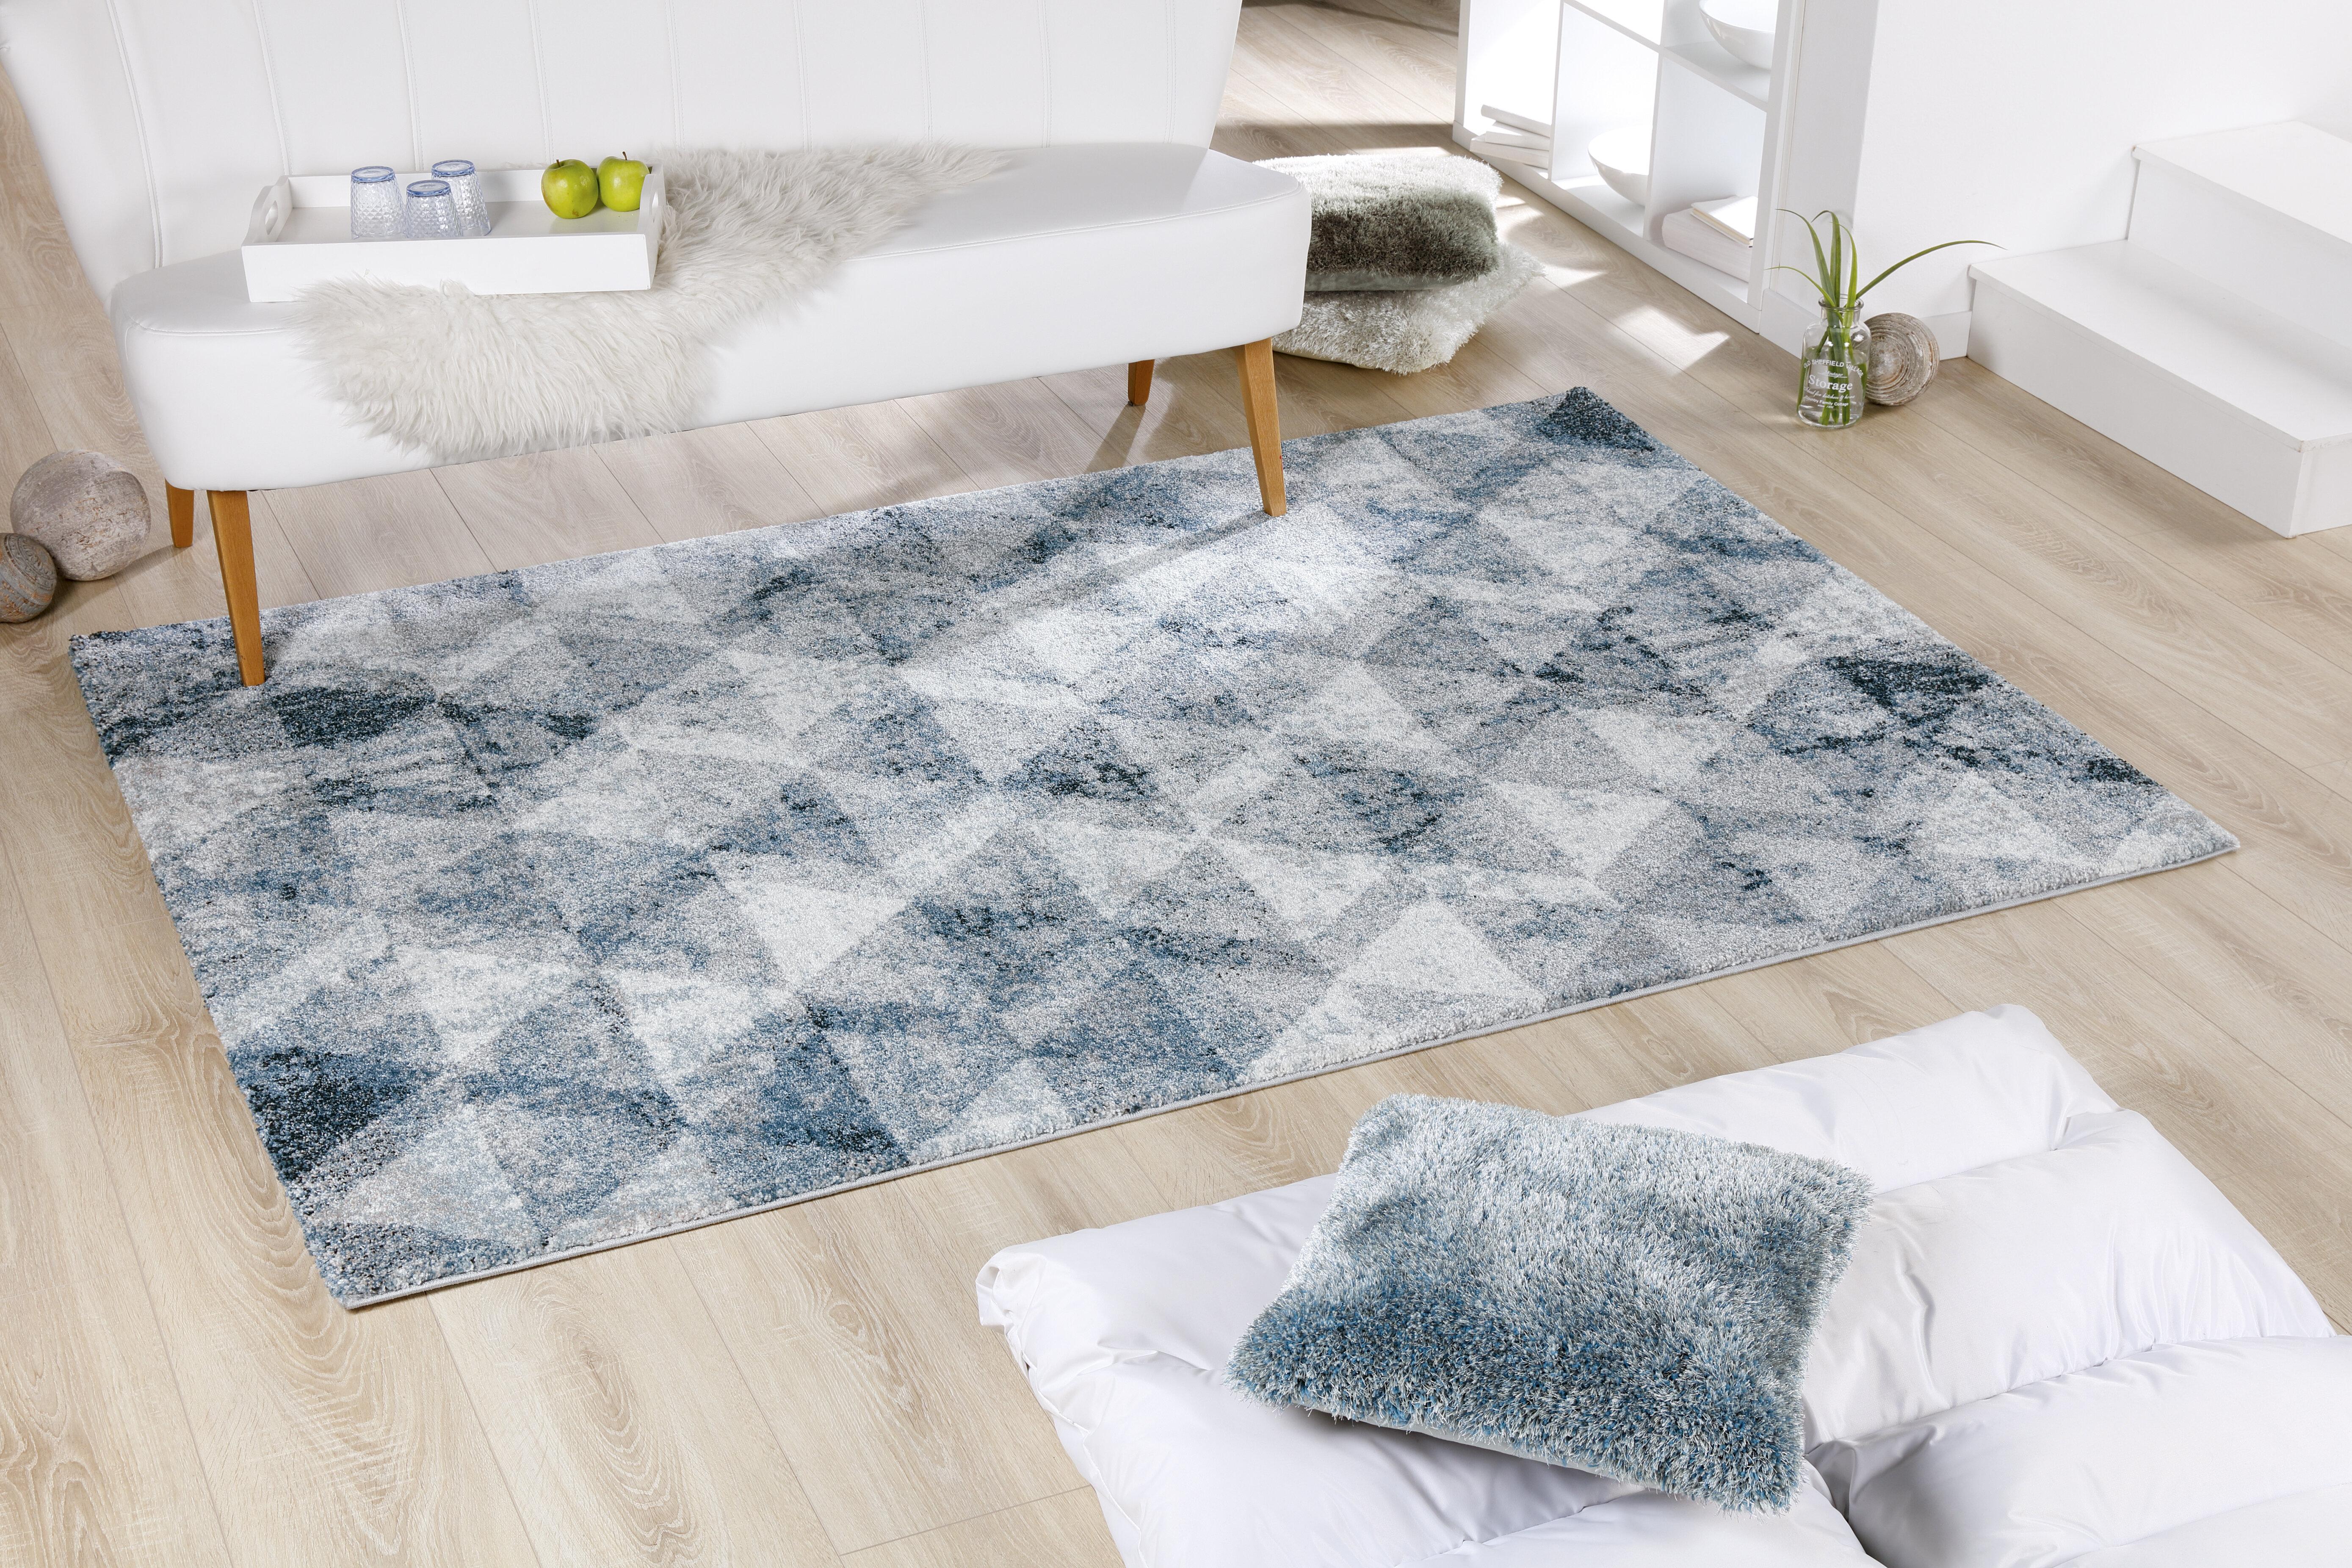 Fußboden Teppich Xl ~ Teppiche online kaufen weich stilvoll westwingnow